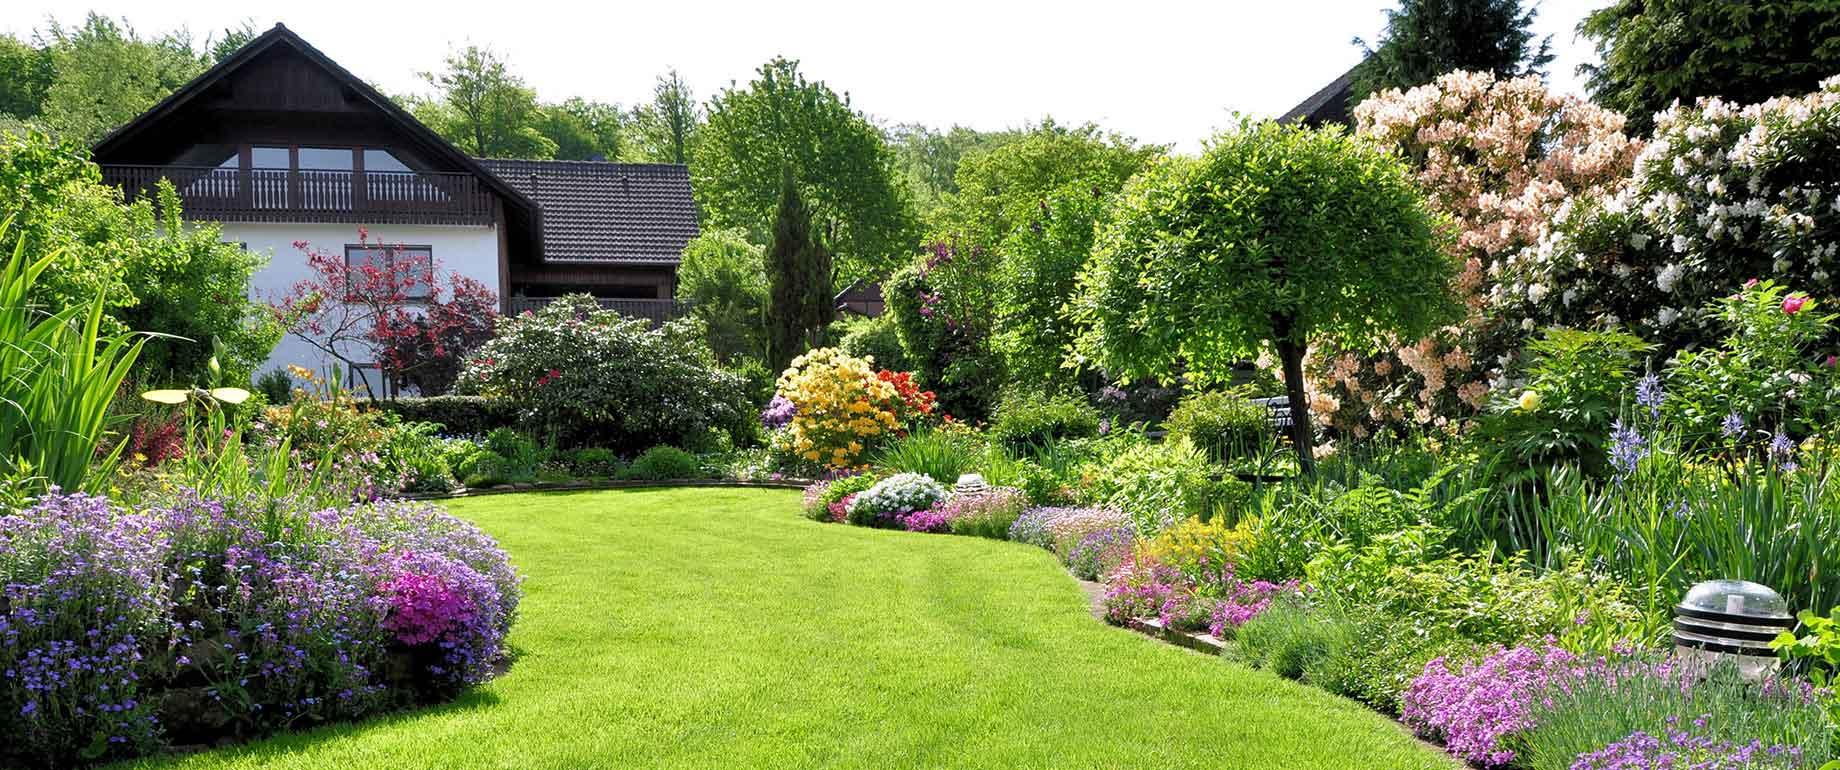 Gartenbau3